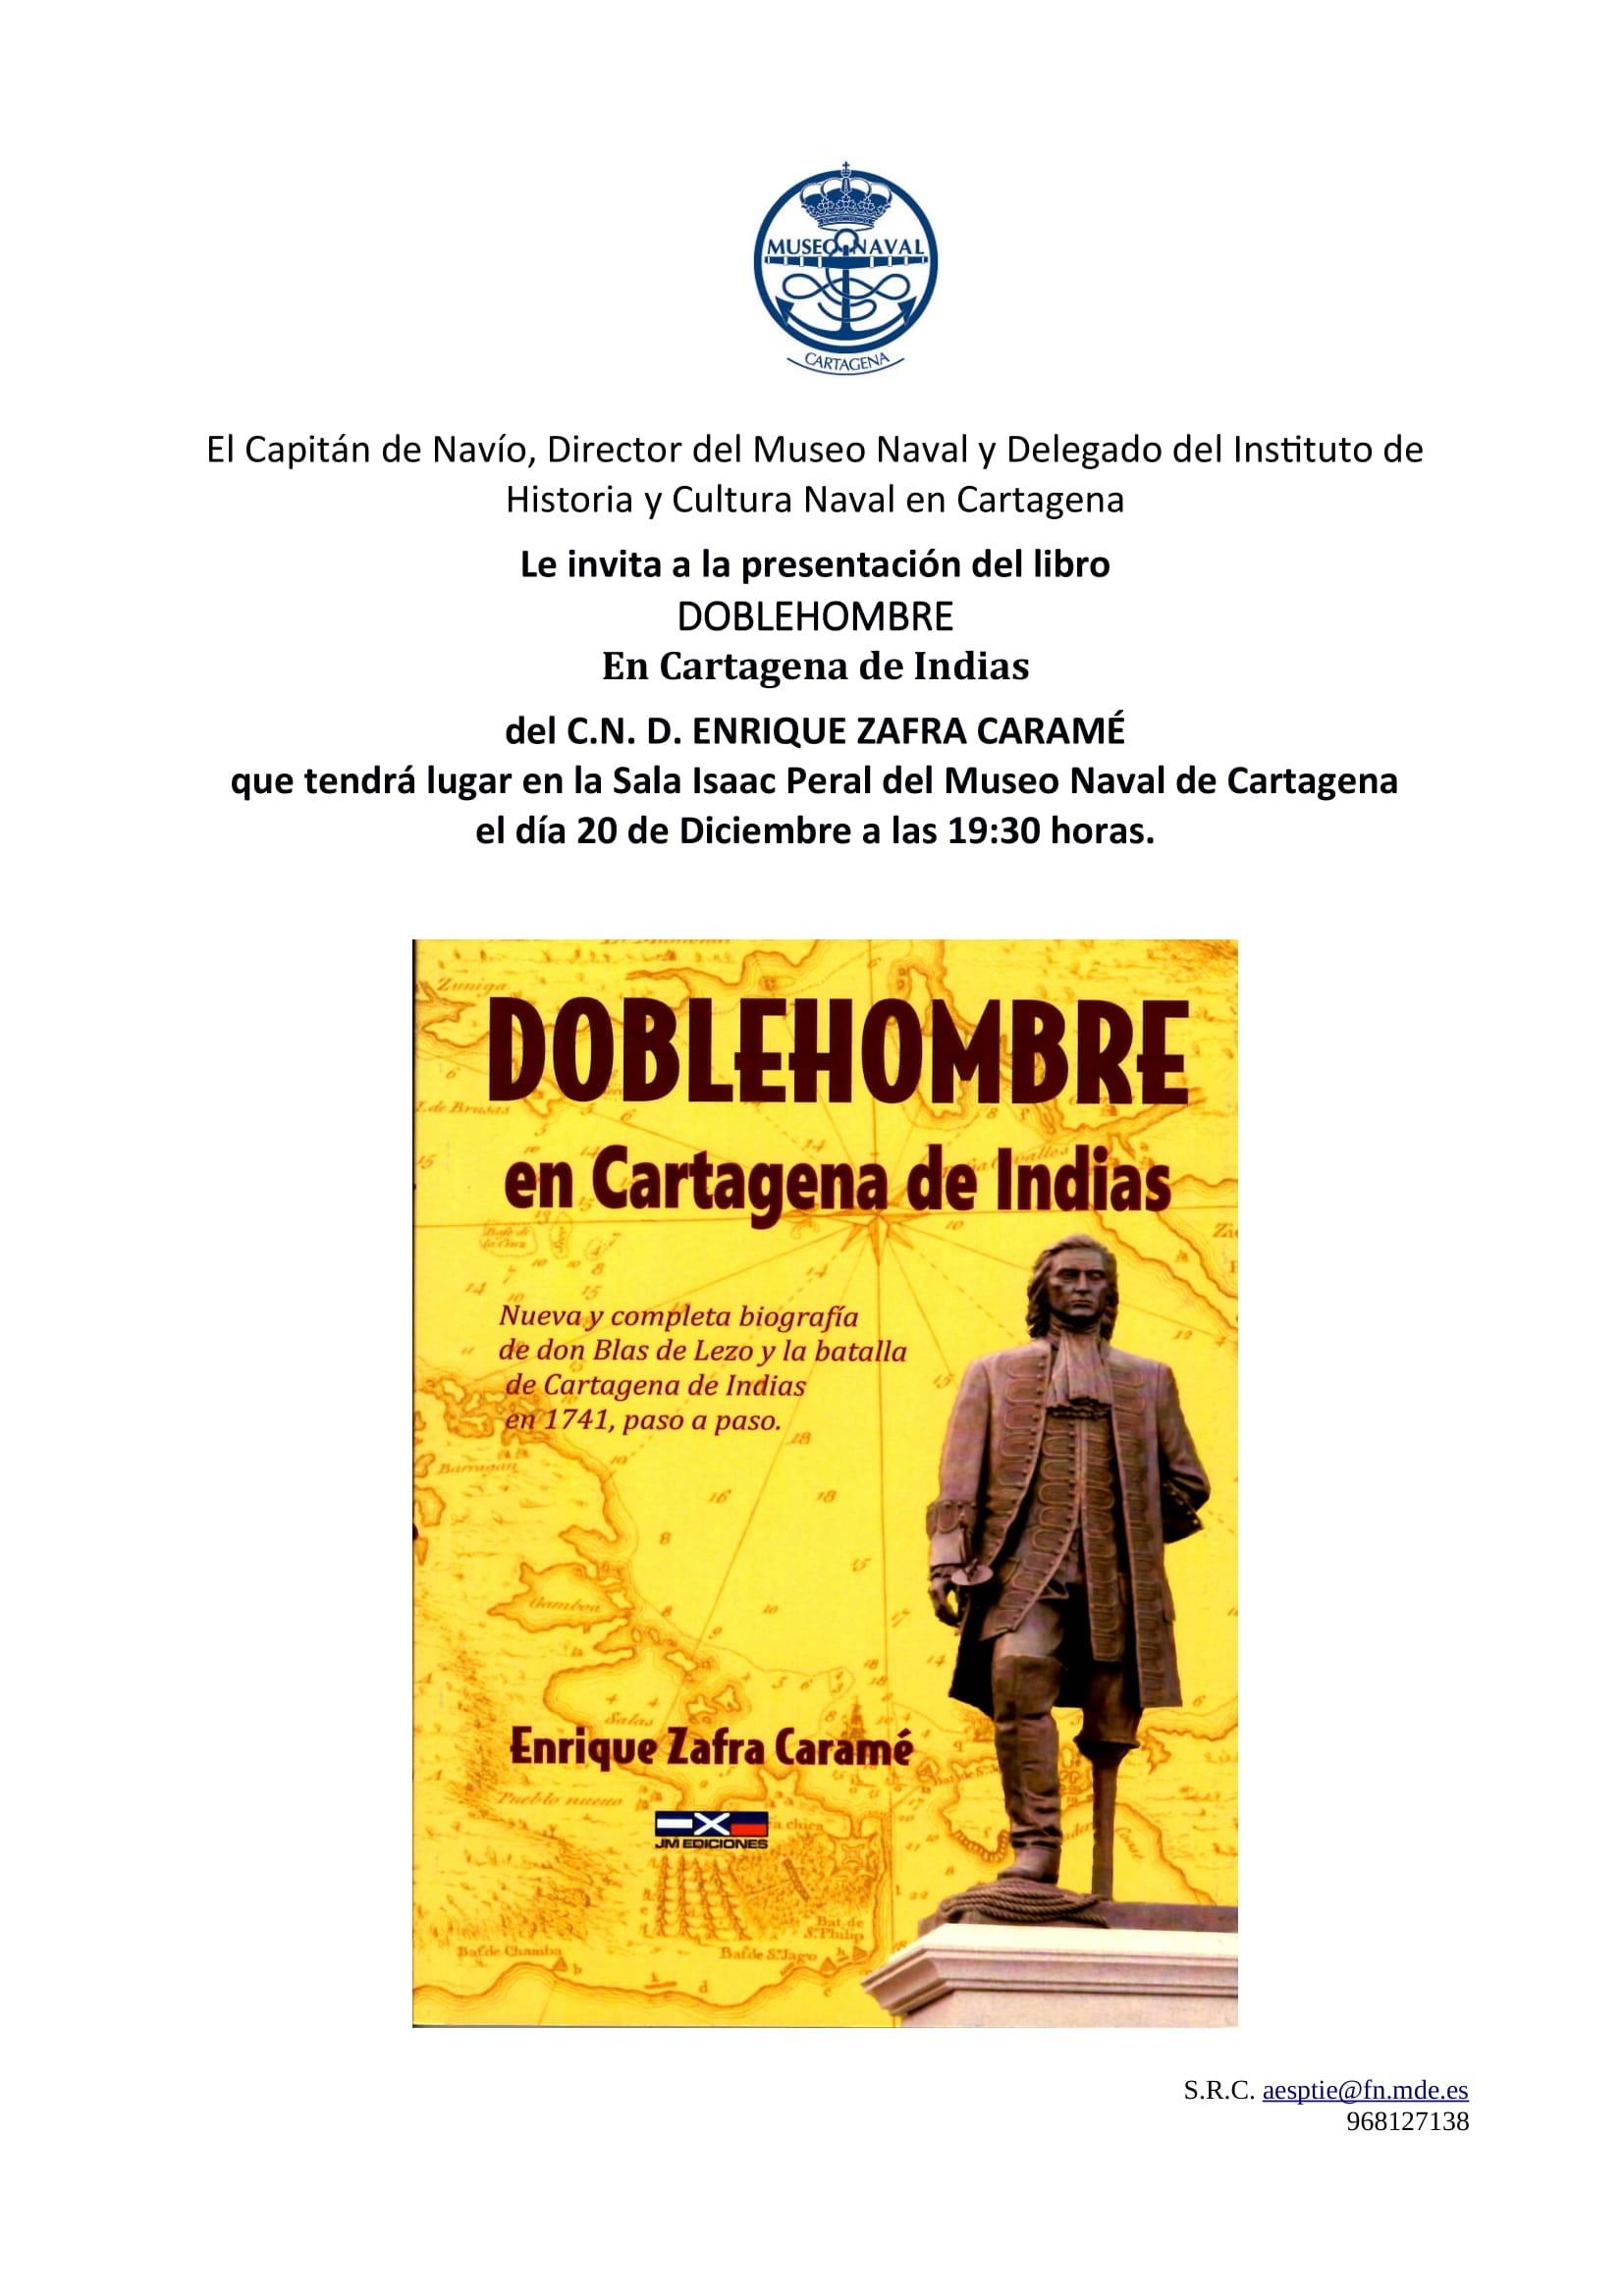 El da 20 de Diciembre presentamos en la Sala Peral el libro nuevo y pleto de la biografa de Blas de Lezo y la batalla de Cartagena de Indias en 1741